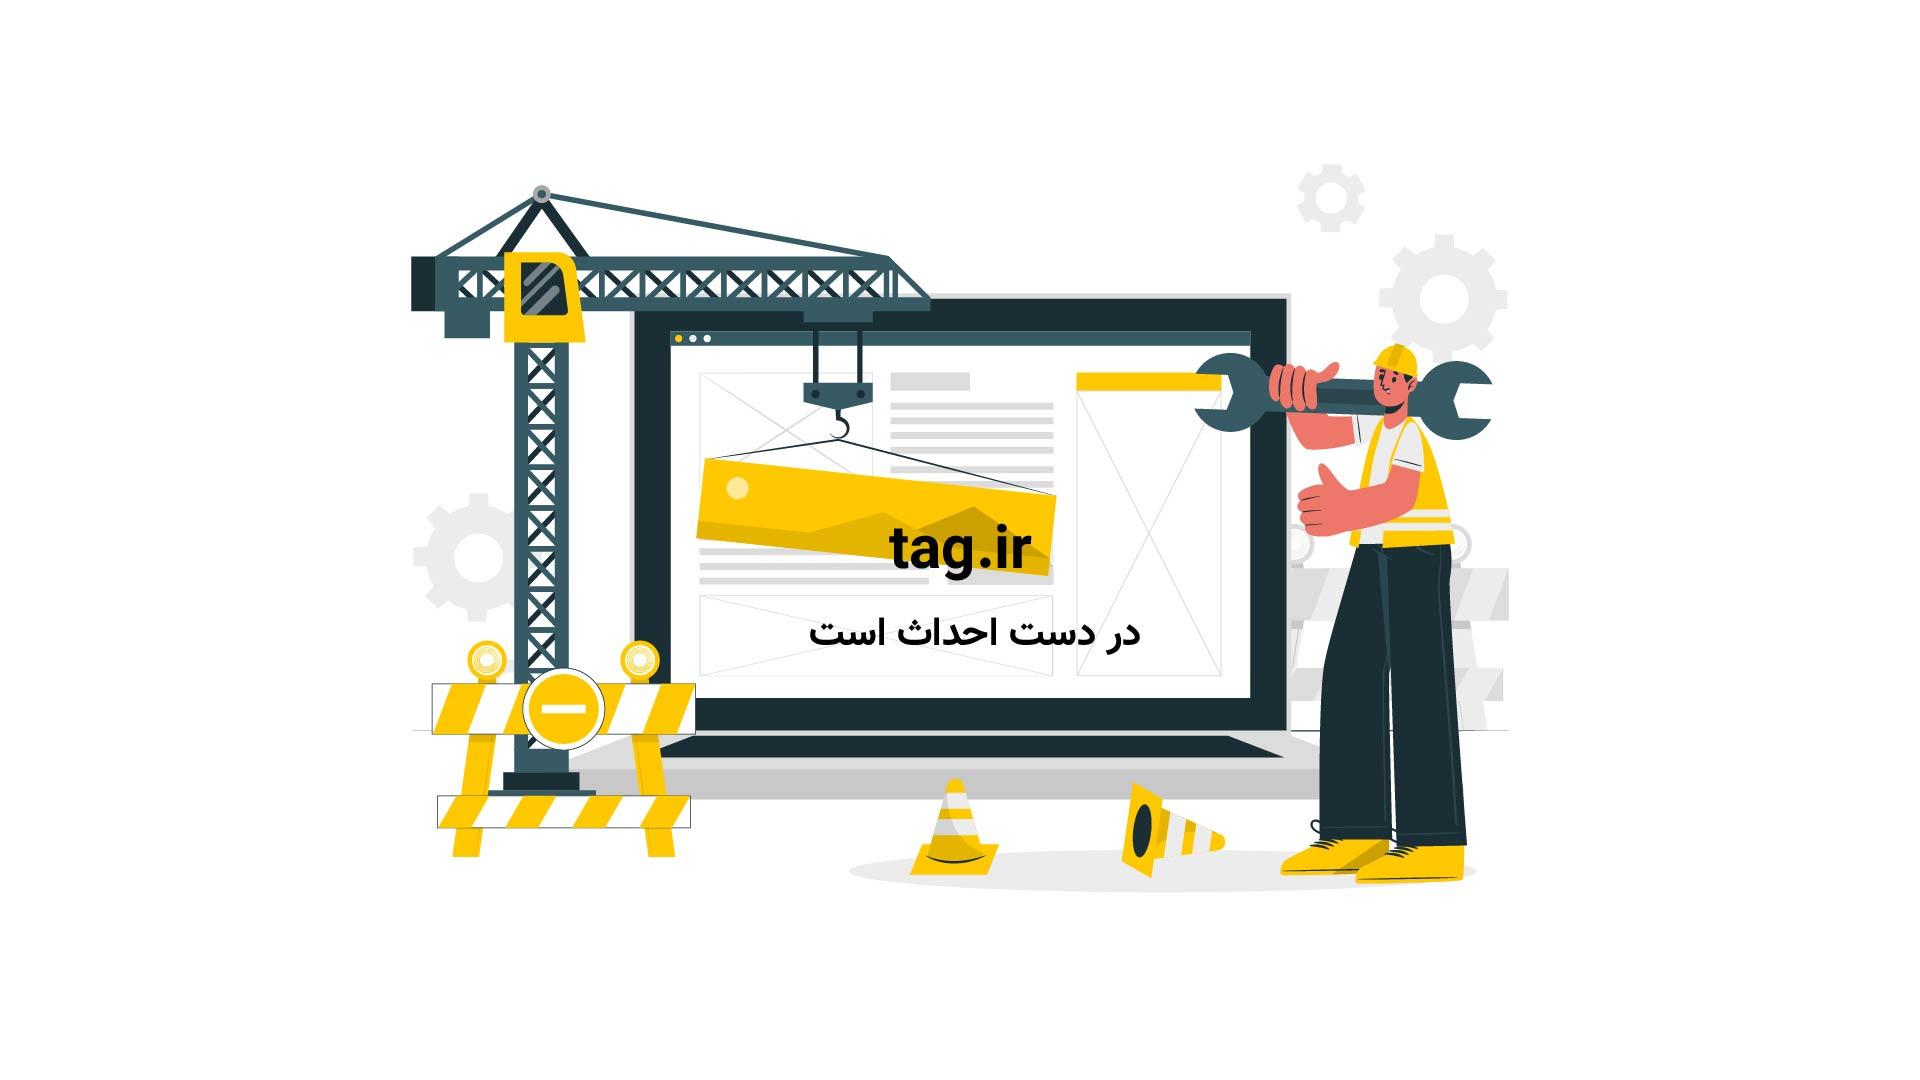 نقاشی-گل-روی-شیشه